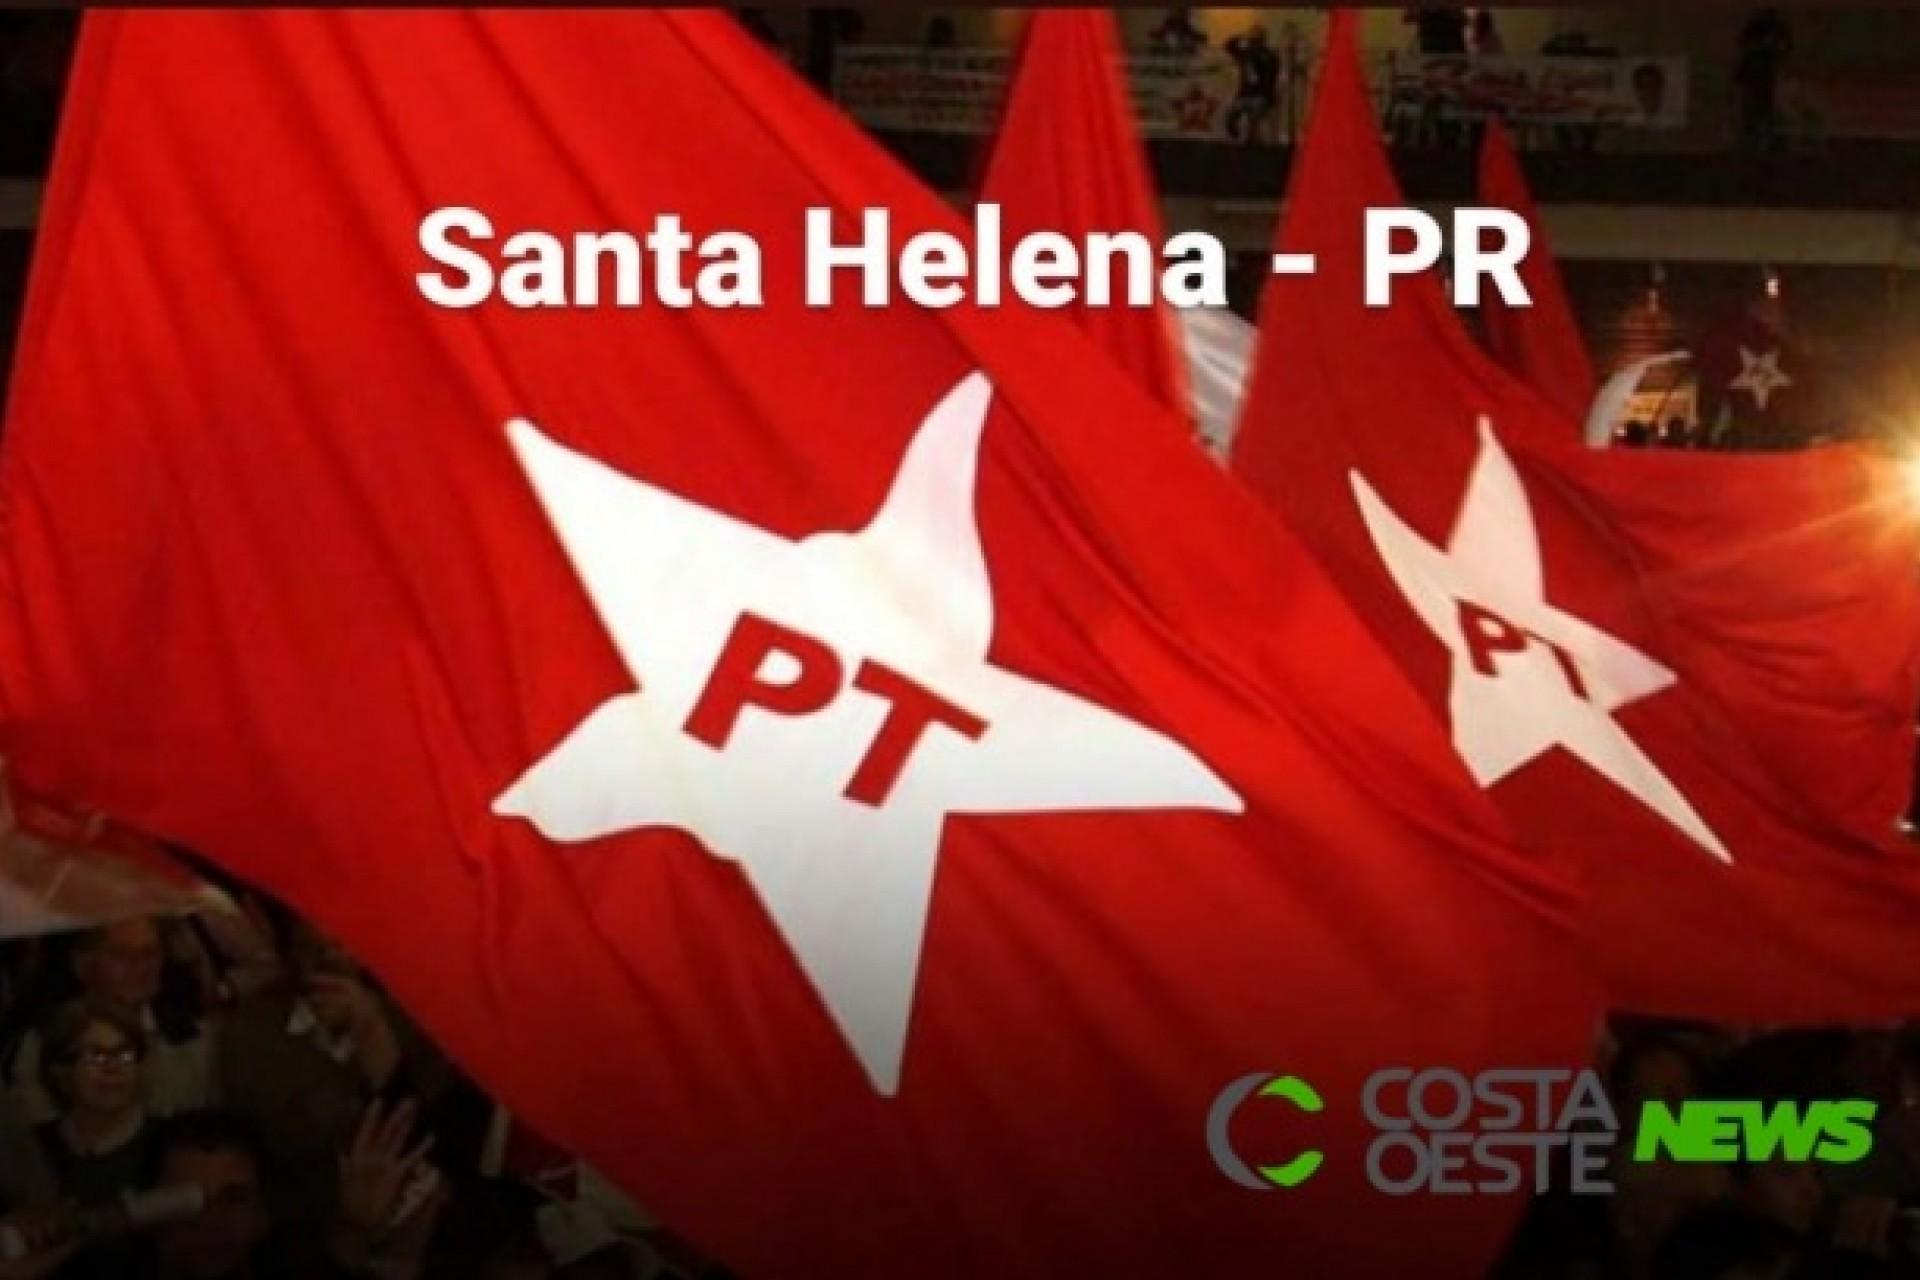 PT de Santa Helena aprova coligação com o MDB para majoritária